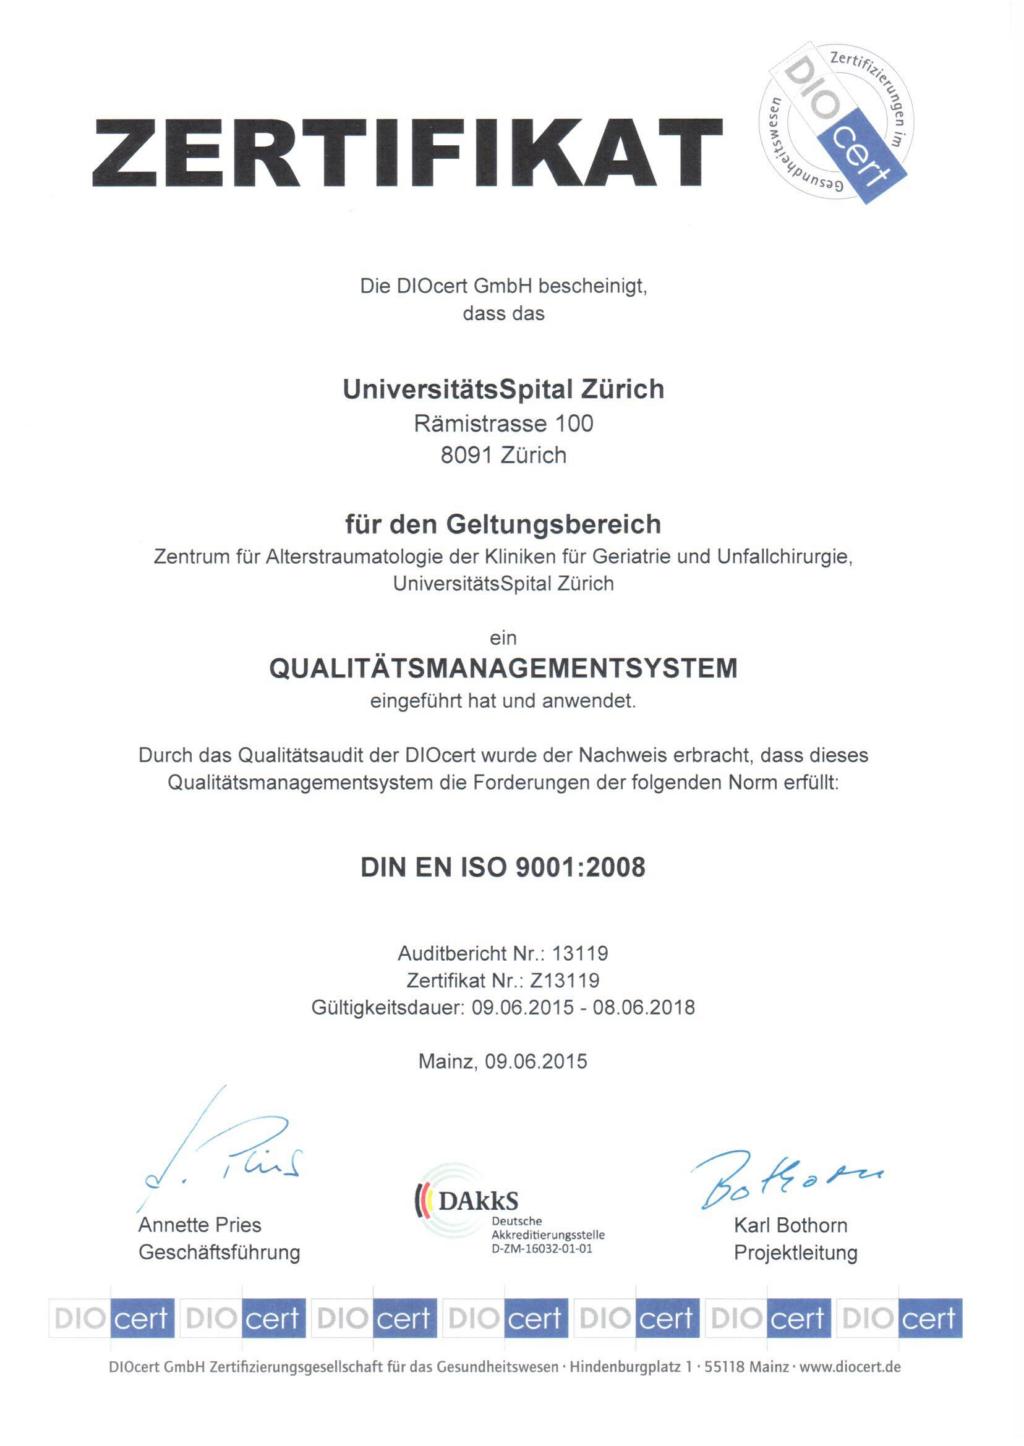 Zertifikat DIN EN ISO 9001 2008